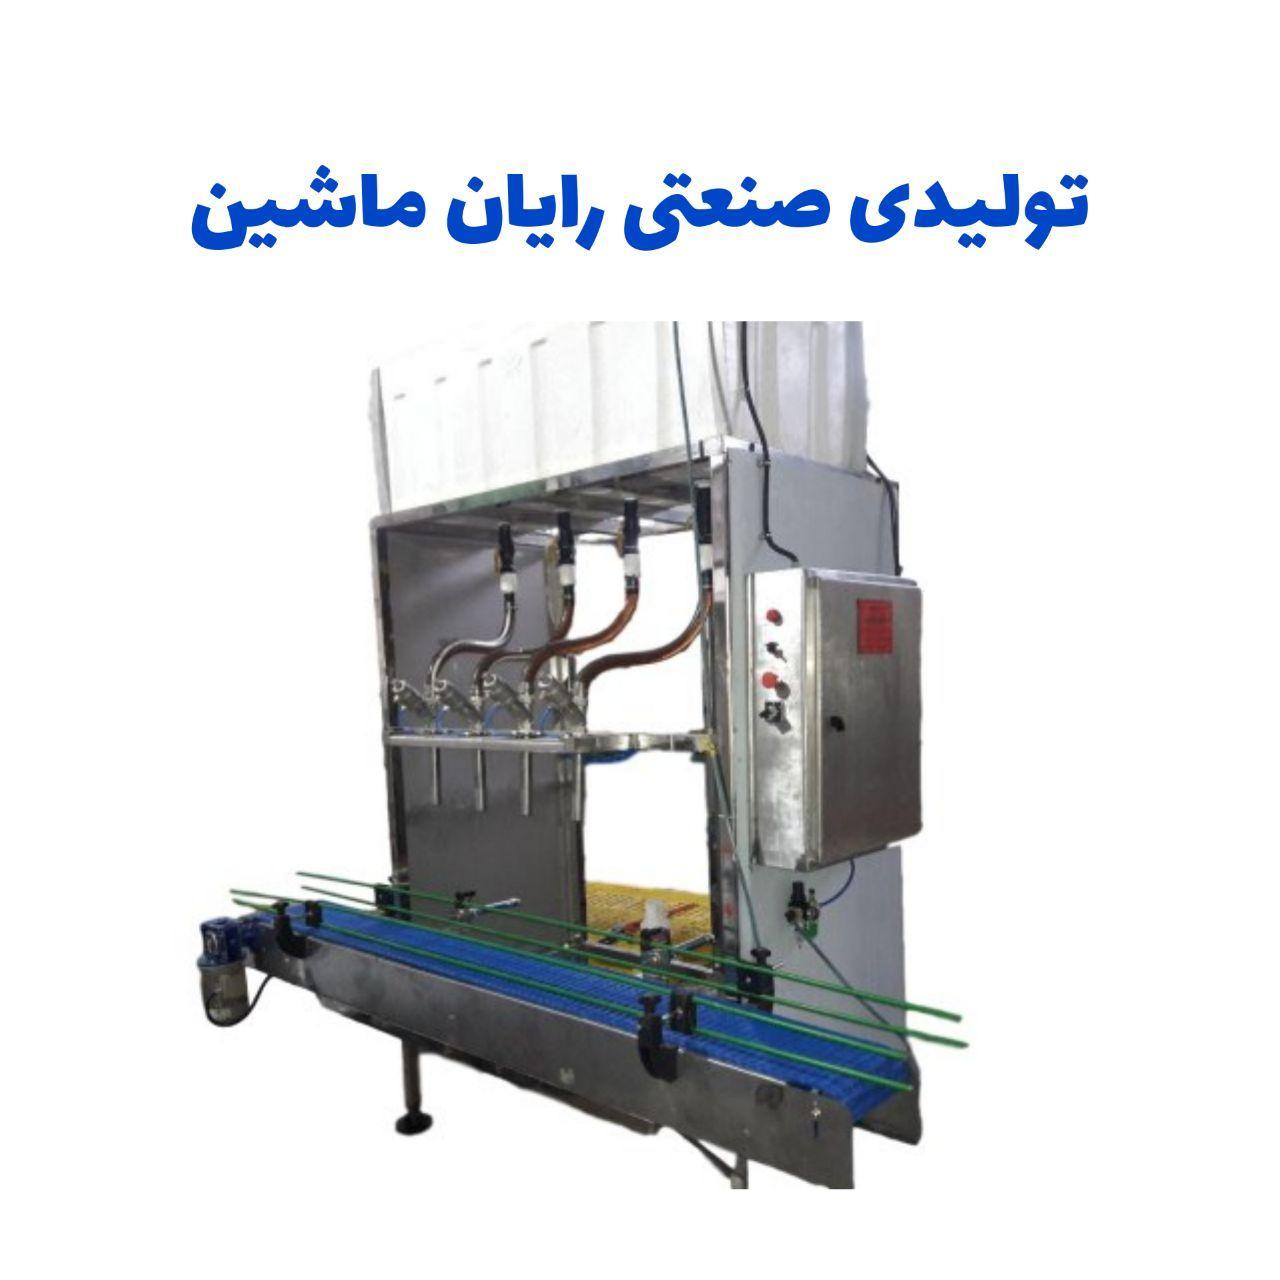 پرکن خطی ۴ نازله جهت مایعات رقیق- ساخت شرکت تولیدی صنعتی رایان ماشین